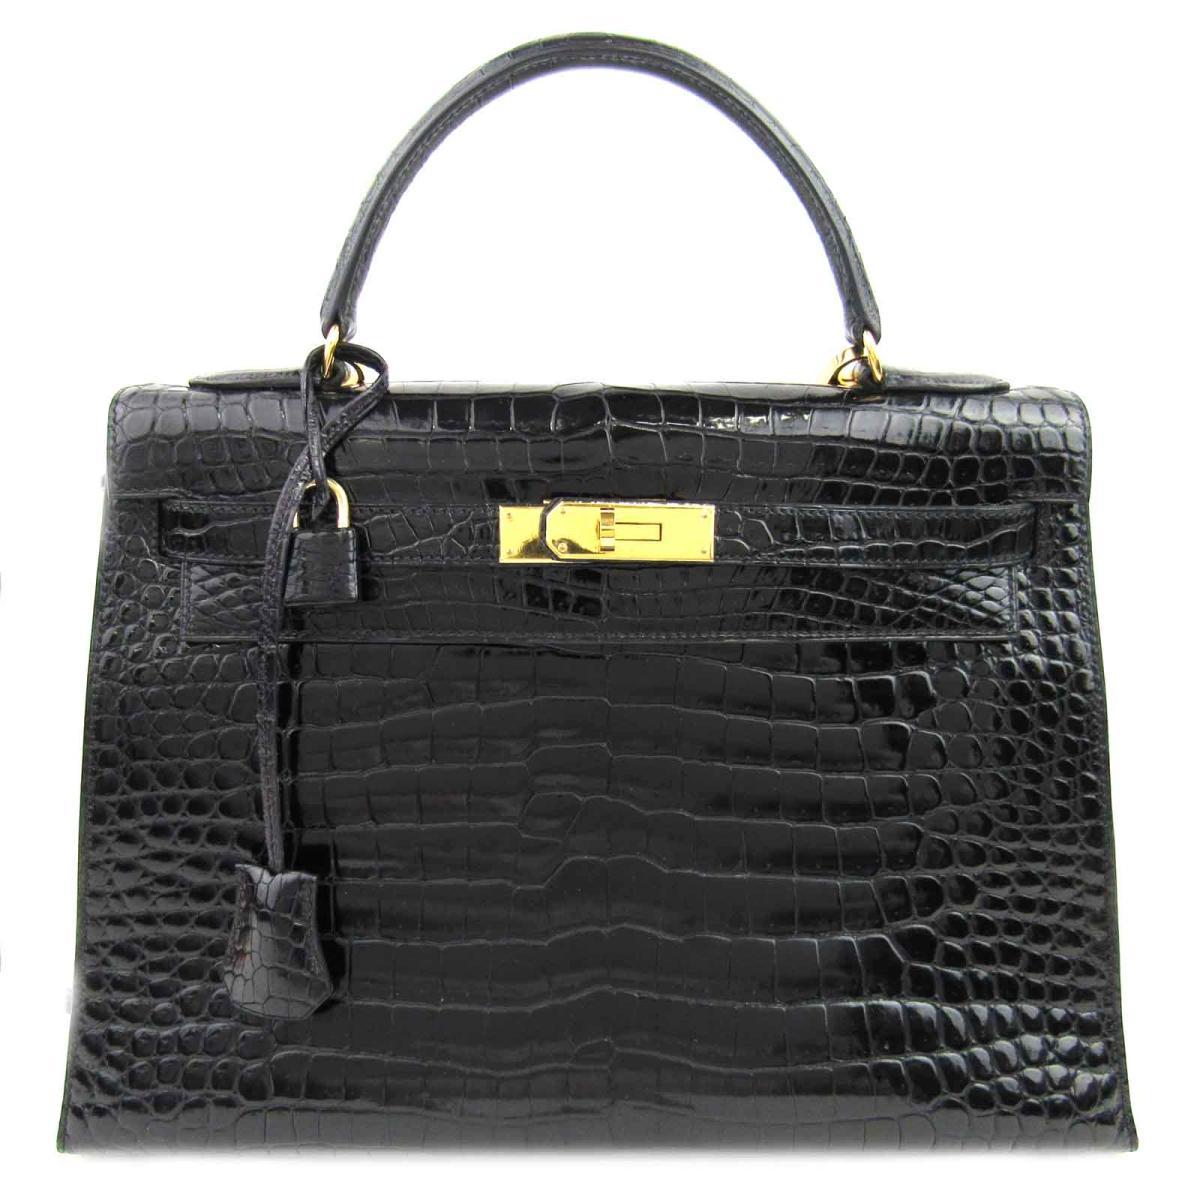 【中古】 エルメス ケリー32 2WAY ハンドバッグ レディース クロコポロサス ブラック (金具:ゴールド) | HERMES ハンドバック ケリー KELLY 32 バッグ バック BAG カバン 鞄 ブランドバッグ ブランドバック 美品 ブランドオフ